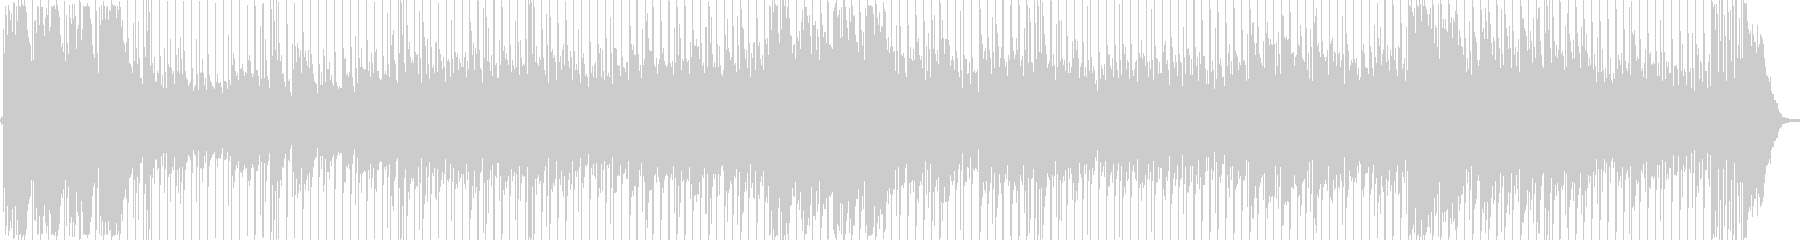 伝統的なメロディックなナポリ風の歌。の未再生の波形